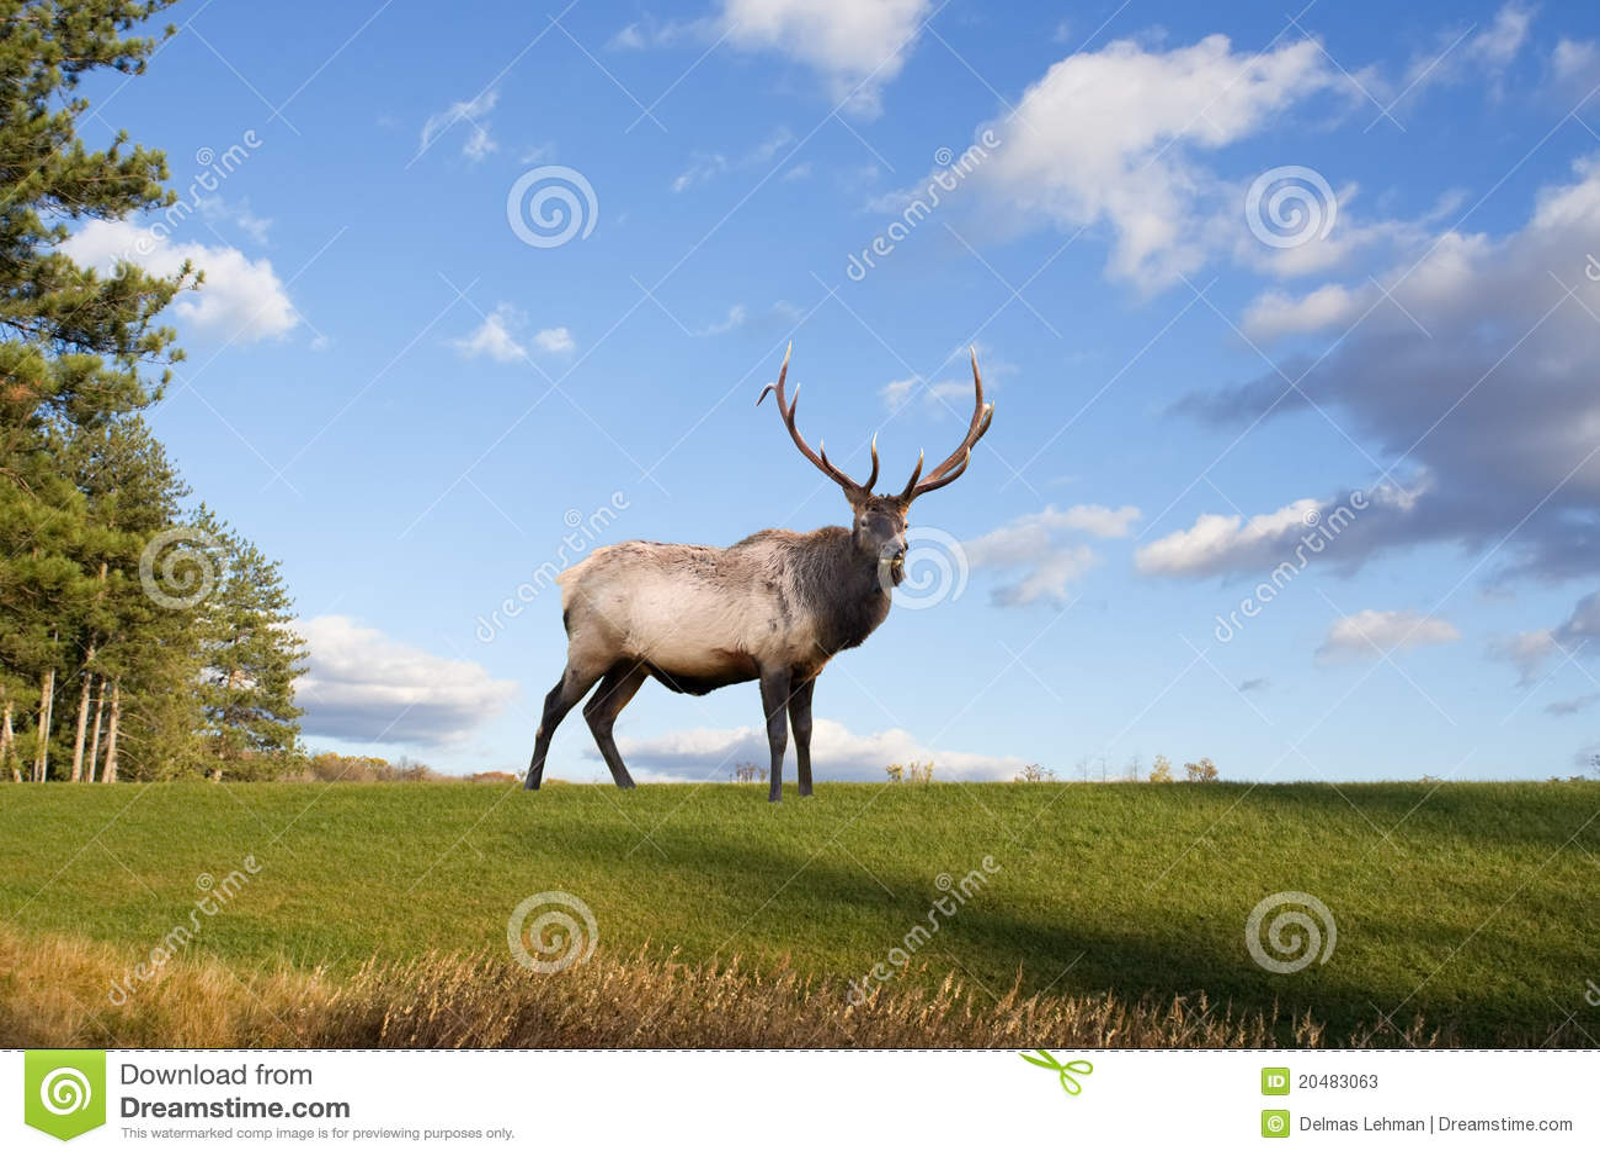 Bull Elk on Grassy Hillside